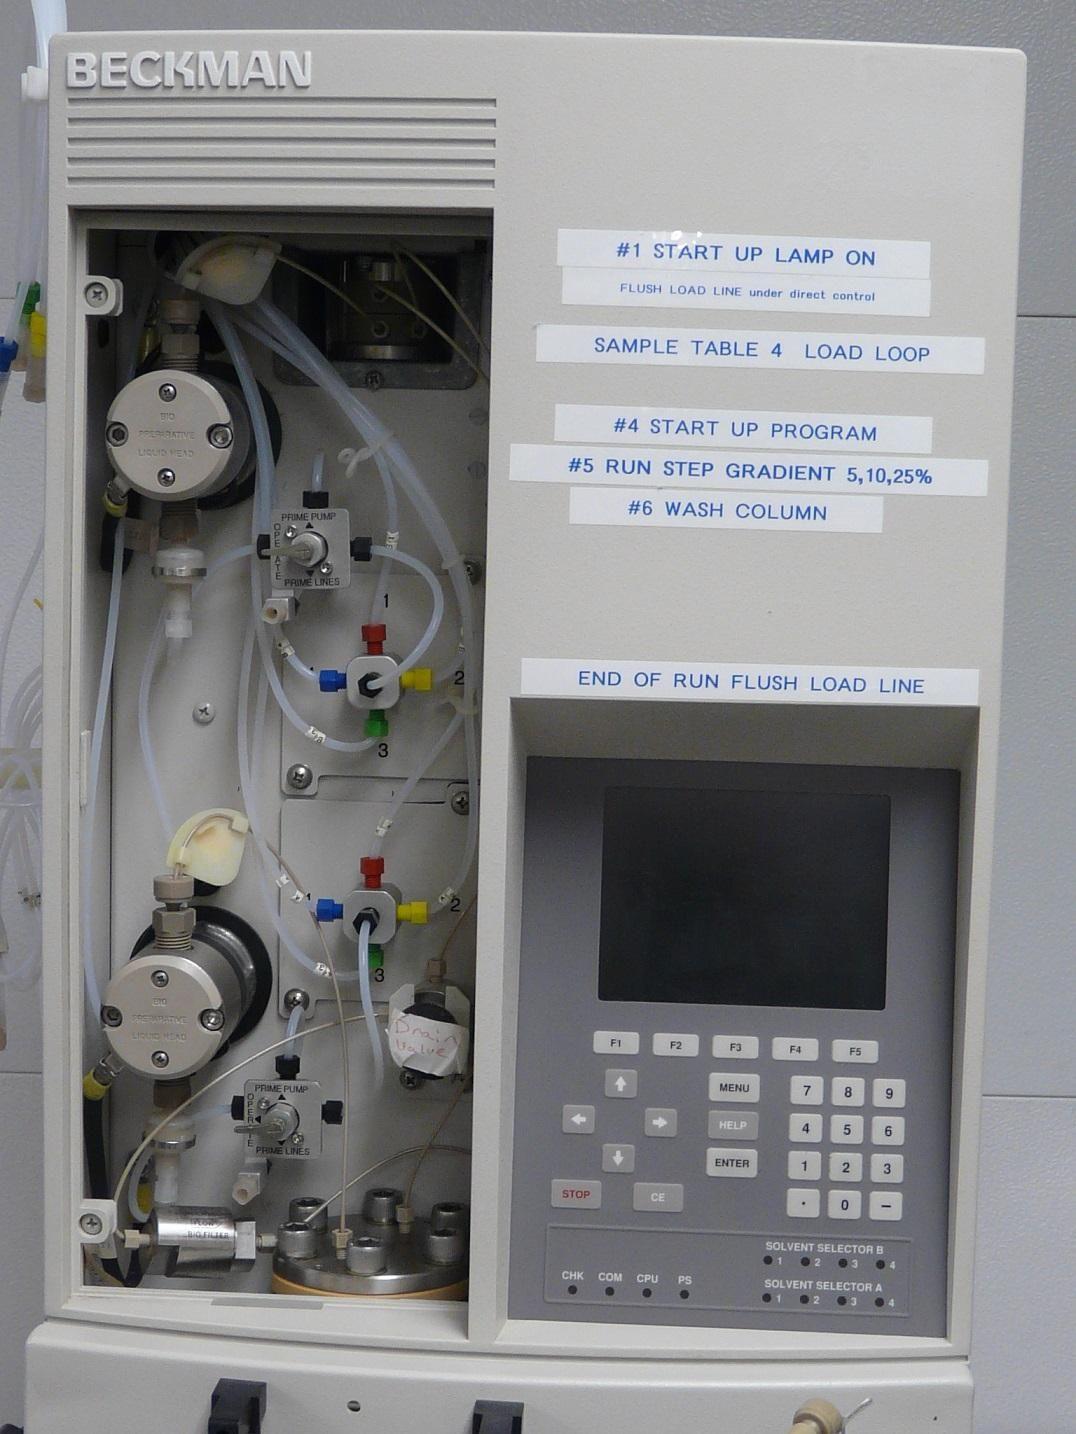 ~ Beckman BioSys 510 Protein Purification Workstation